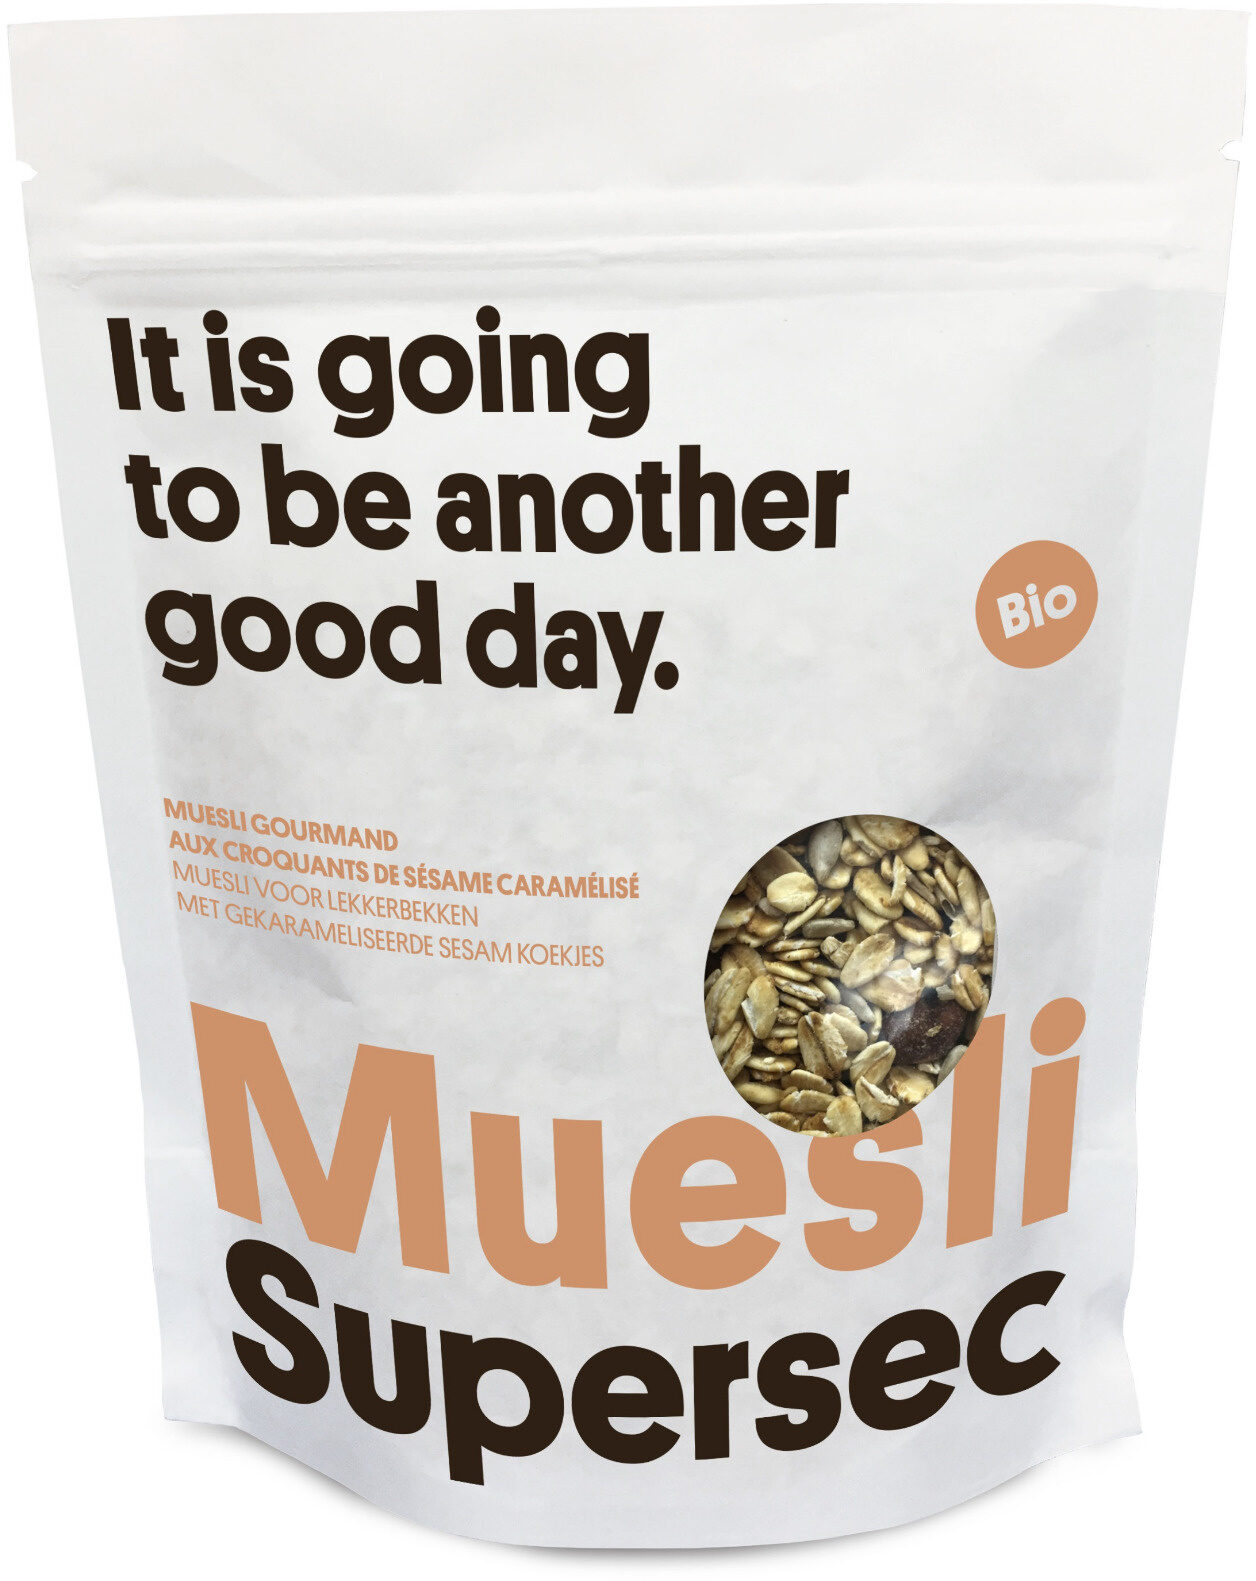 Muesli gourmand aux croquants de sésame caramélisé - Voedingswaarden - fr